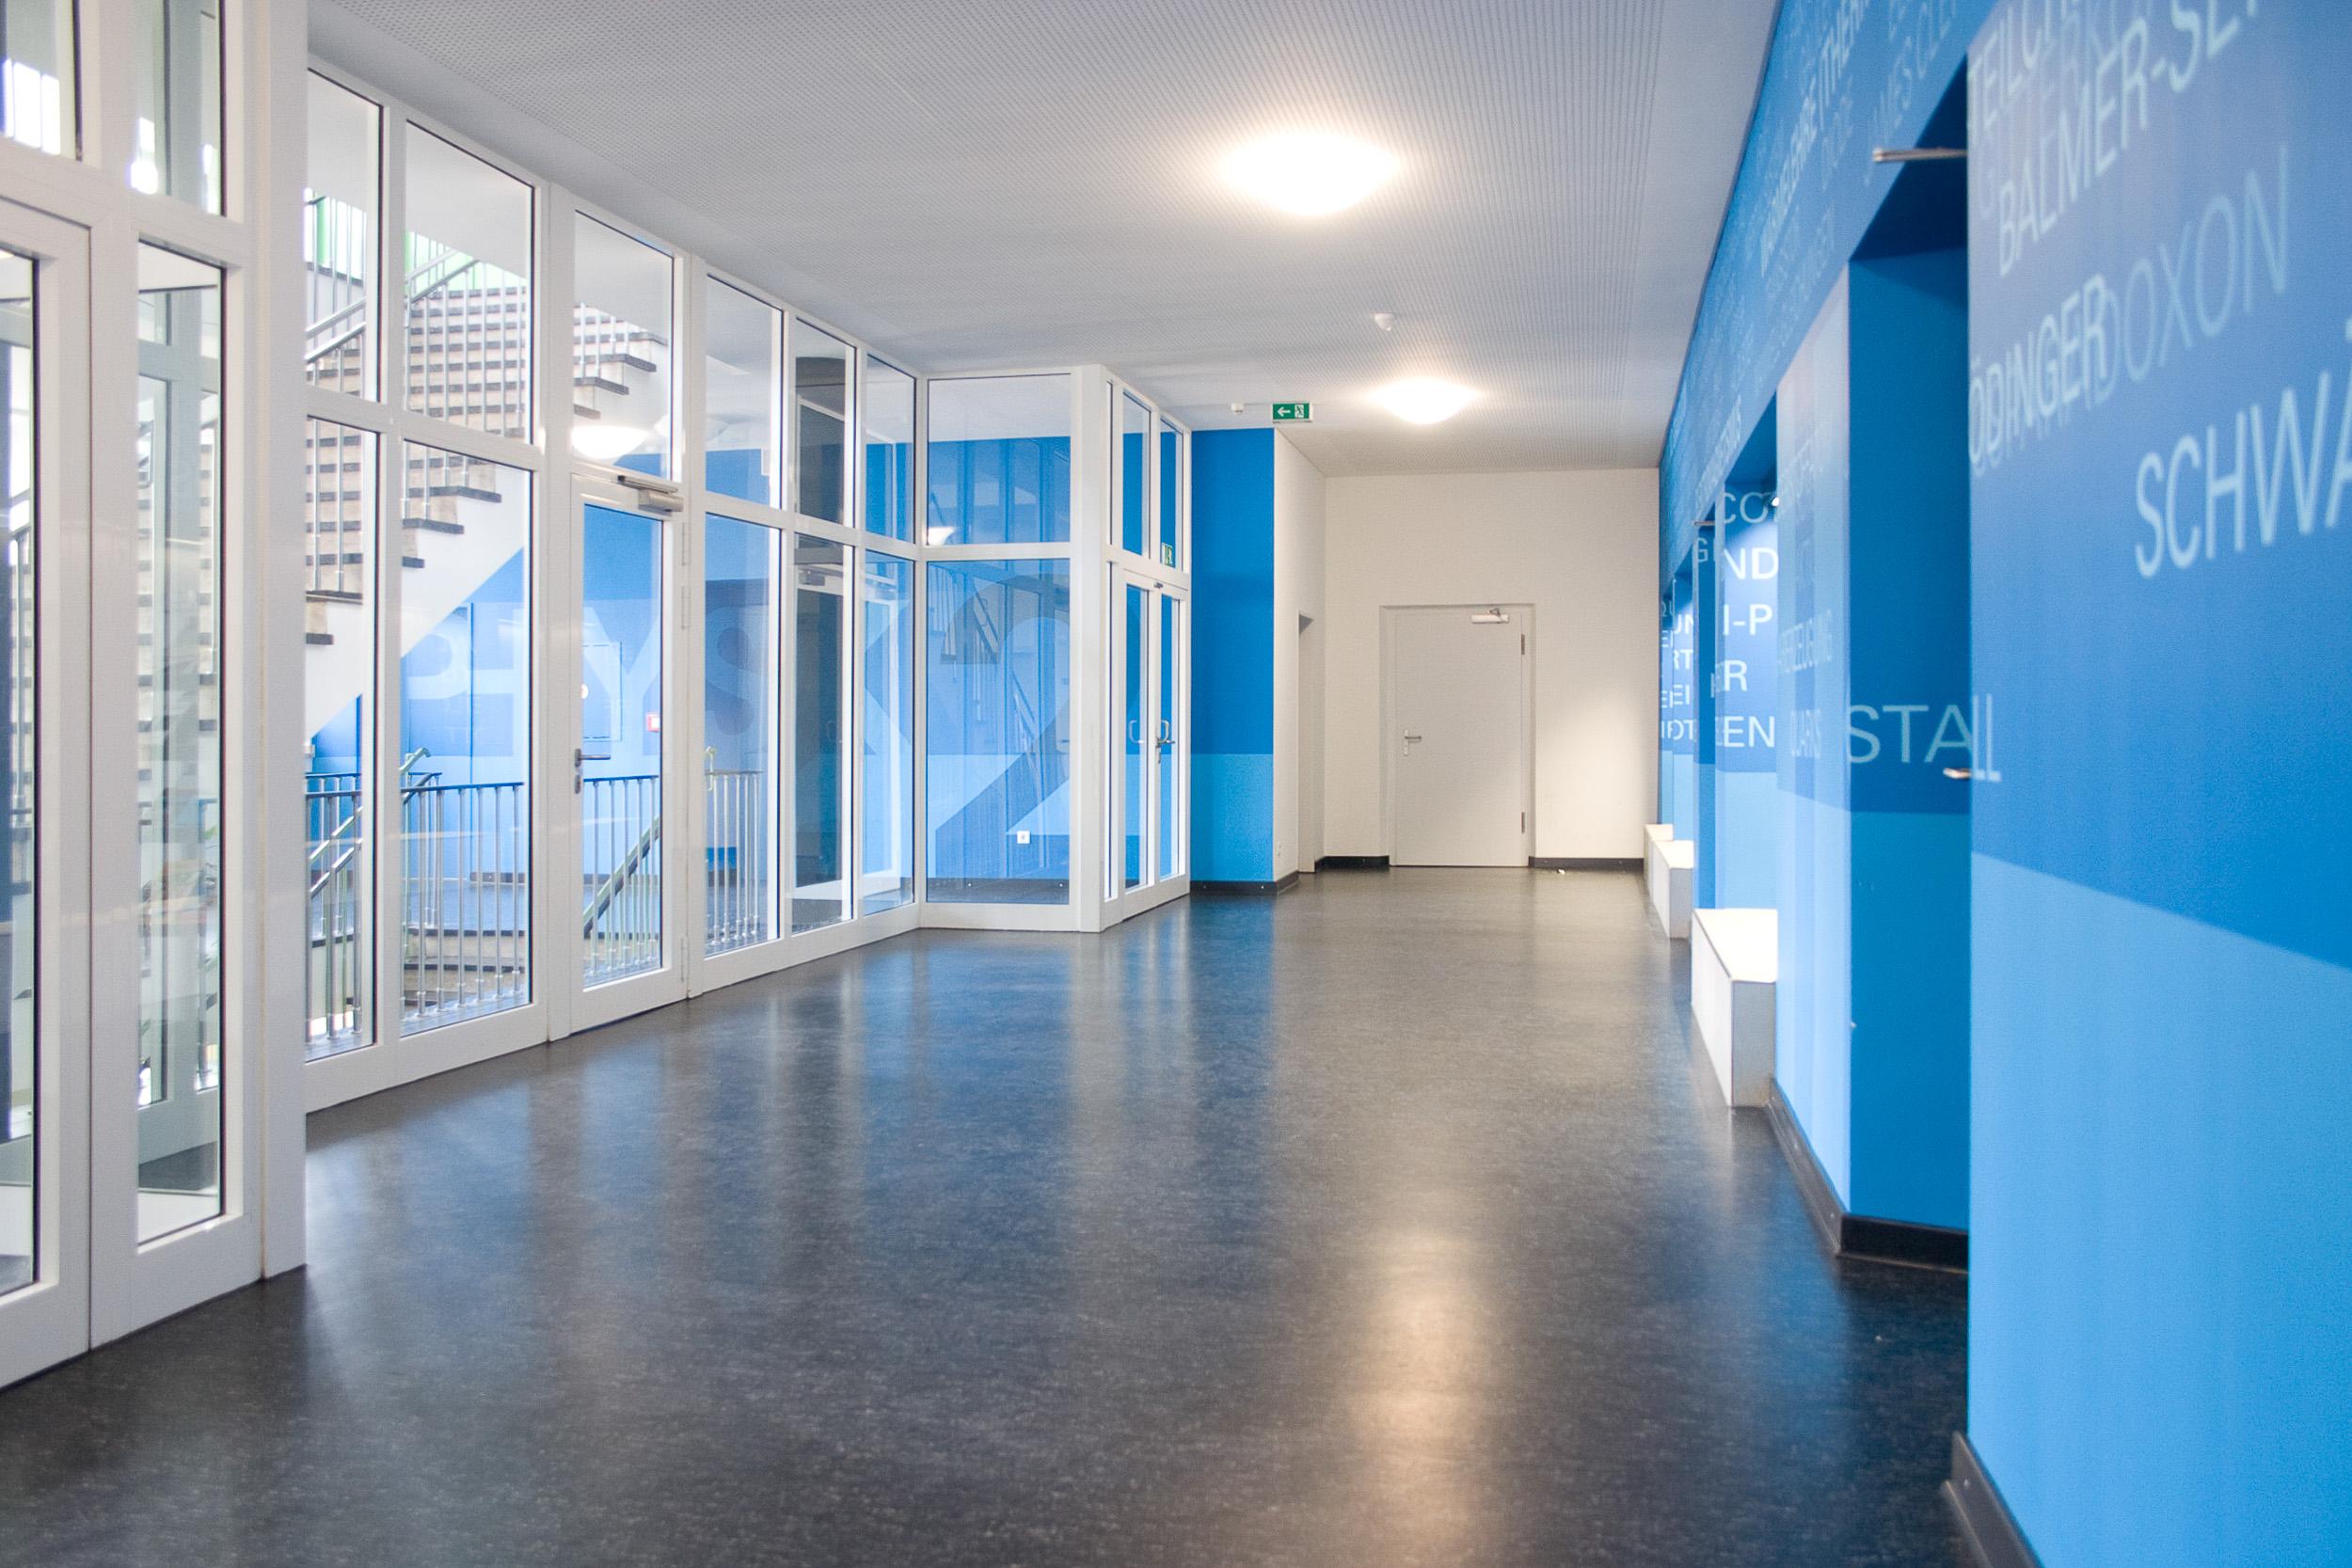 leitsystem-farbe-blau-schule-orientierung-tür-grafik.jpg